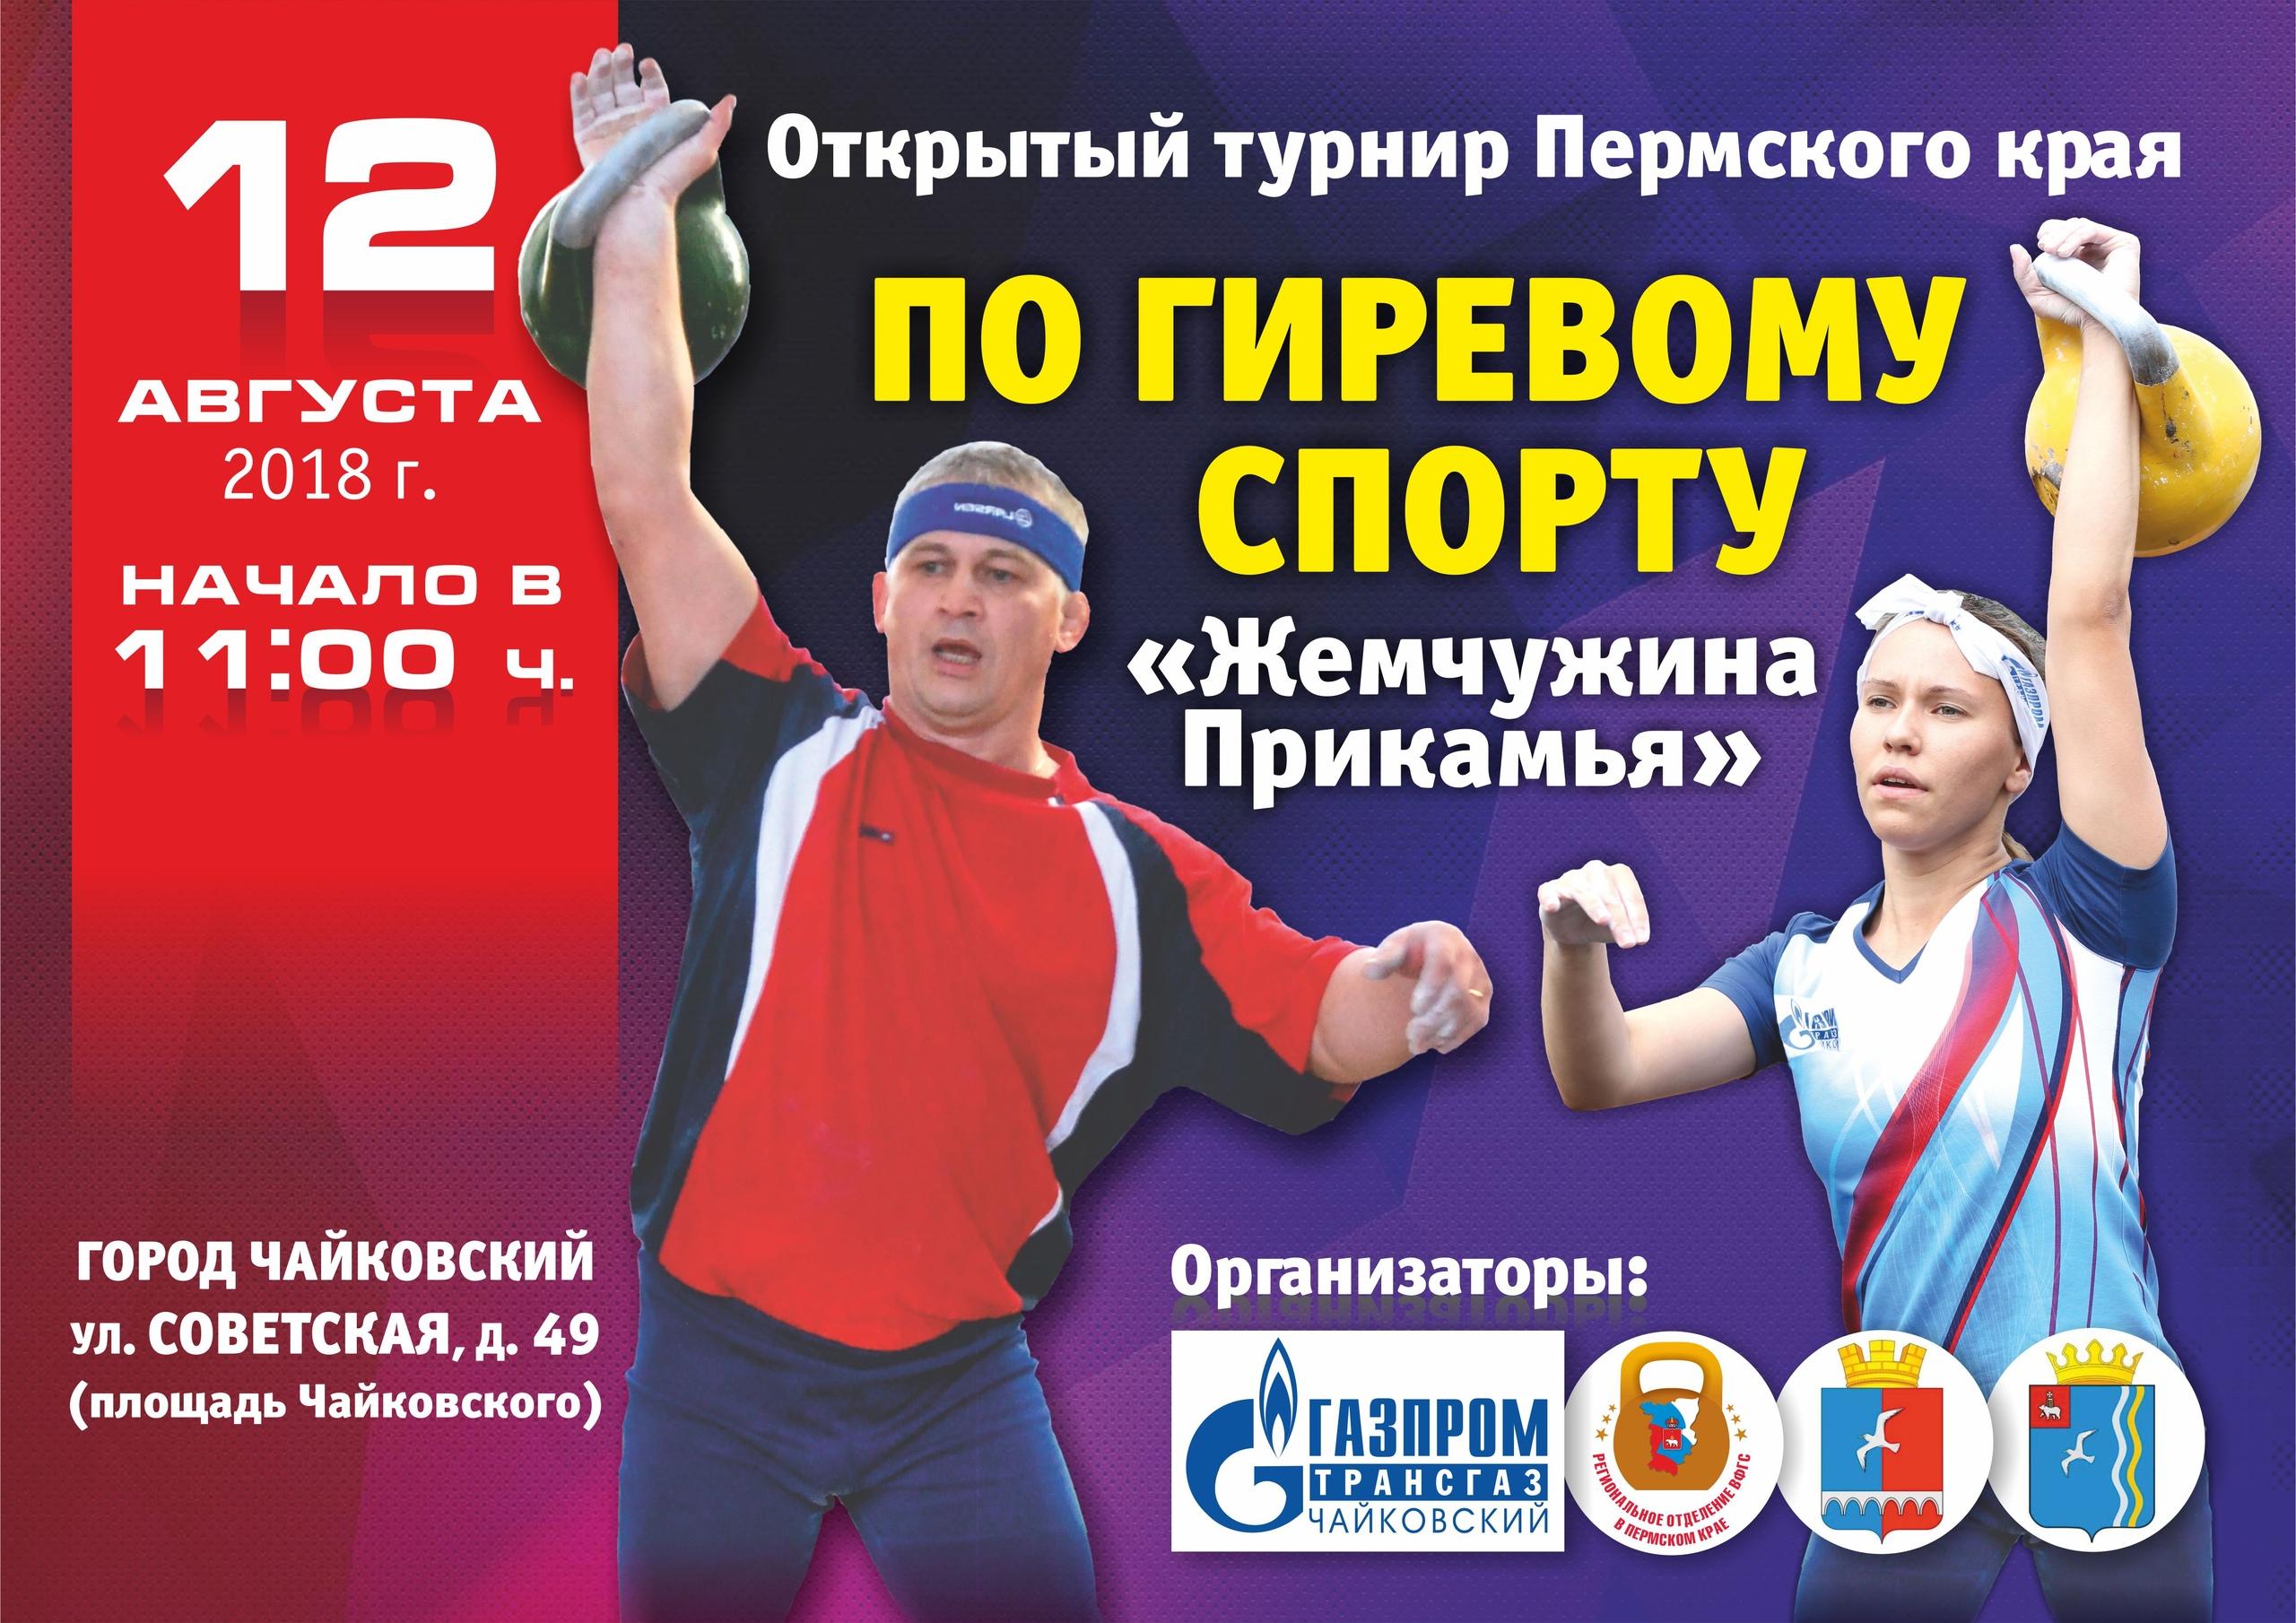 афиша, турнир по гиревому спорту, чайковский, 12 августа, 2018 год